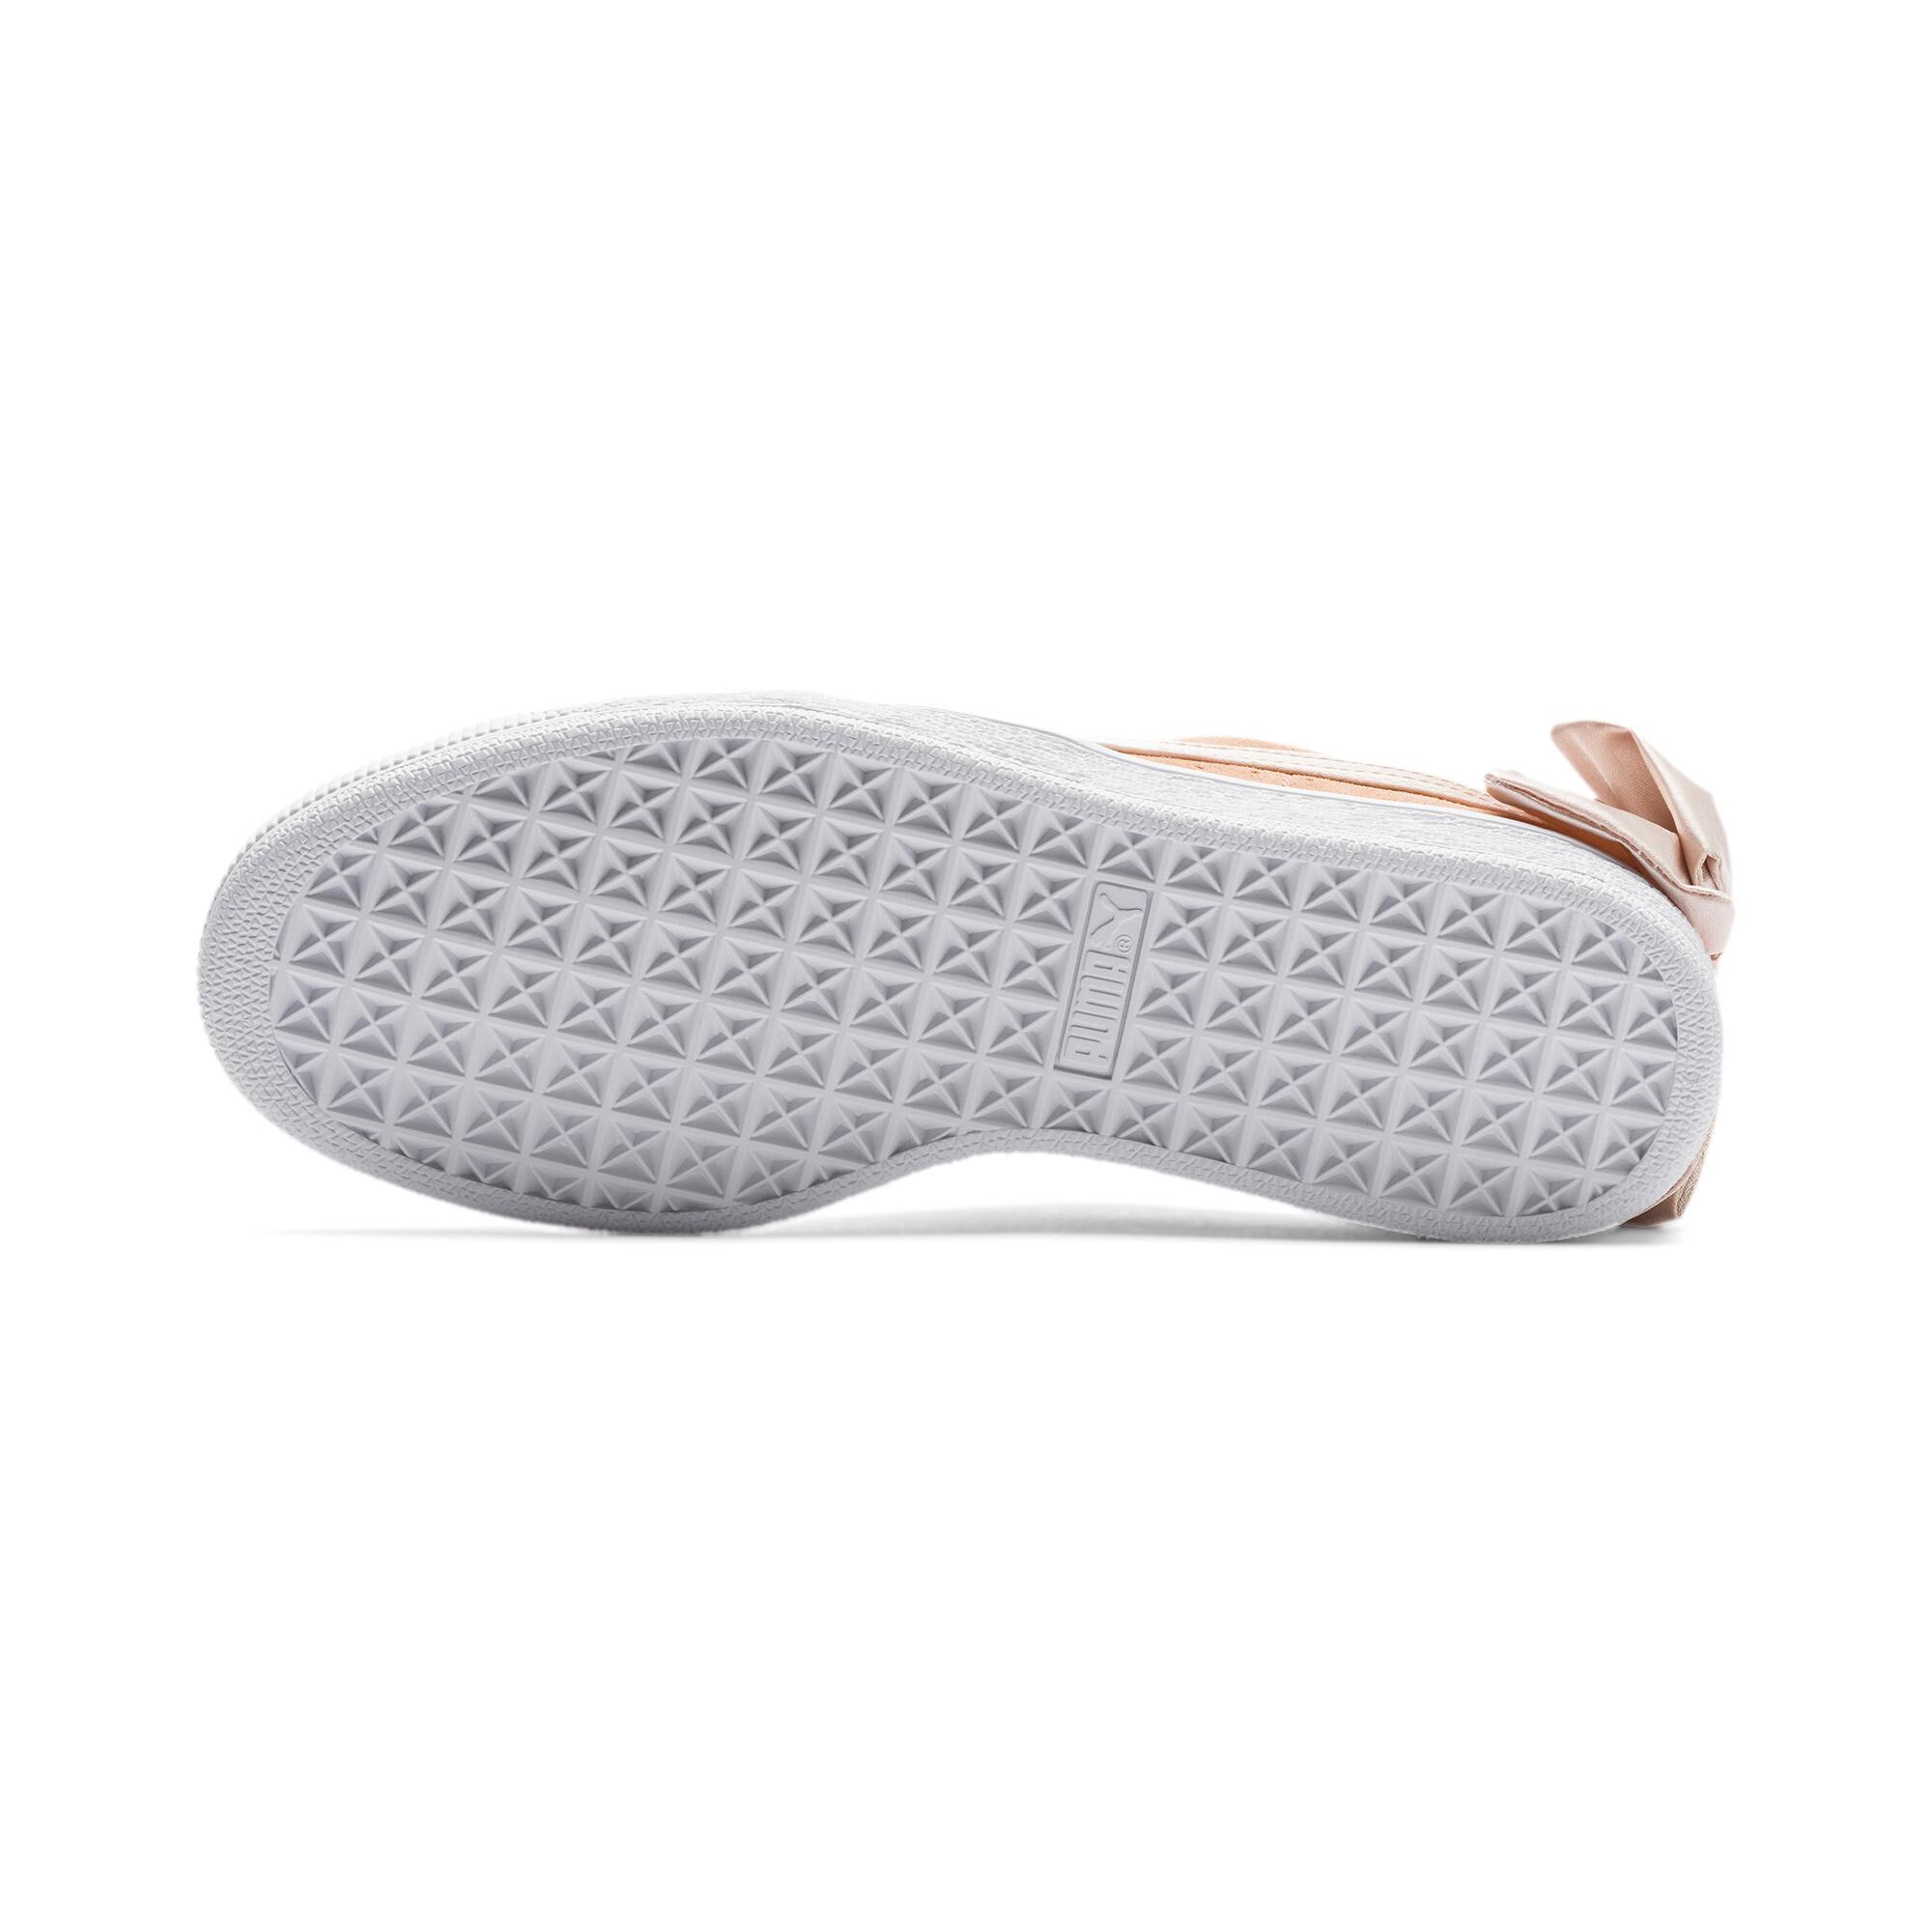 Indexbild 13 - PUMA Suede Bow Damen Frauen Schuhe Sport Classics Neu